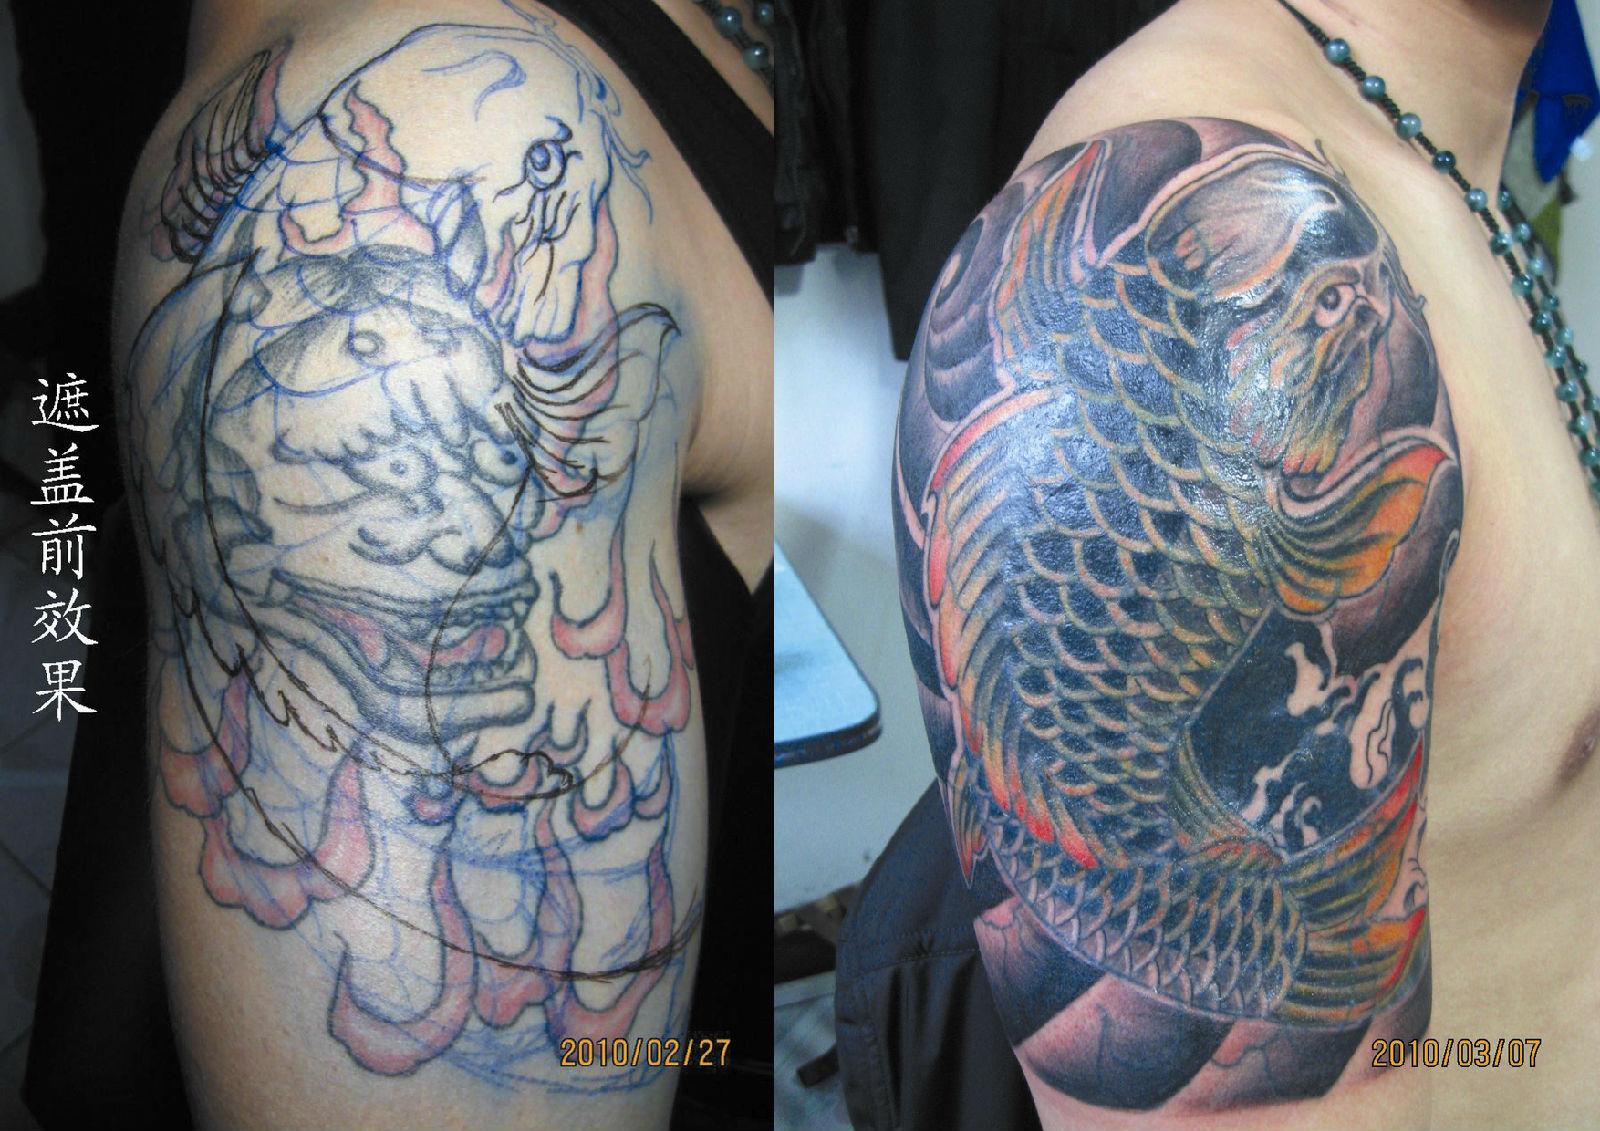 琪哥新传统重彩纹身作品---半胛鲤鱼(多图-不断更新)